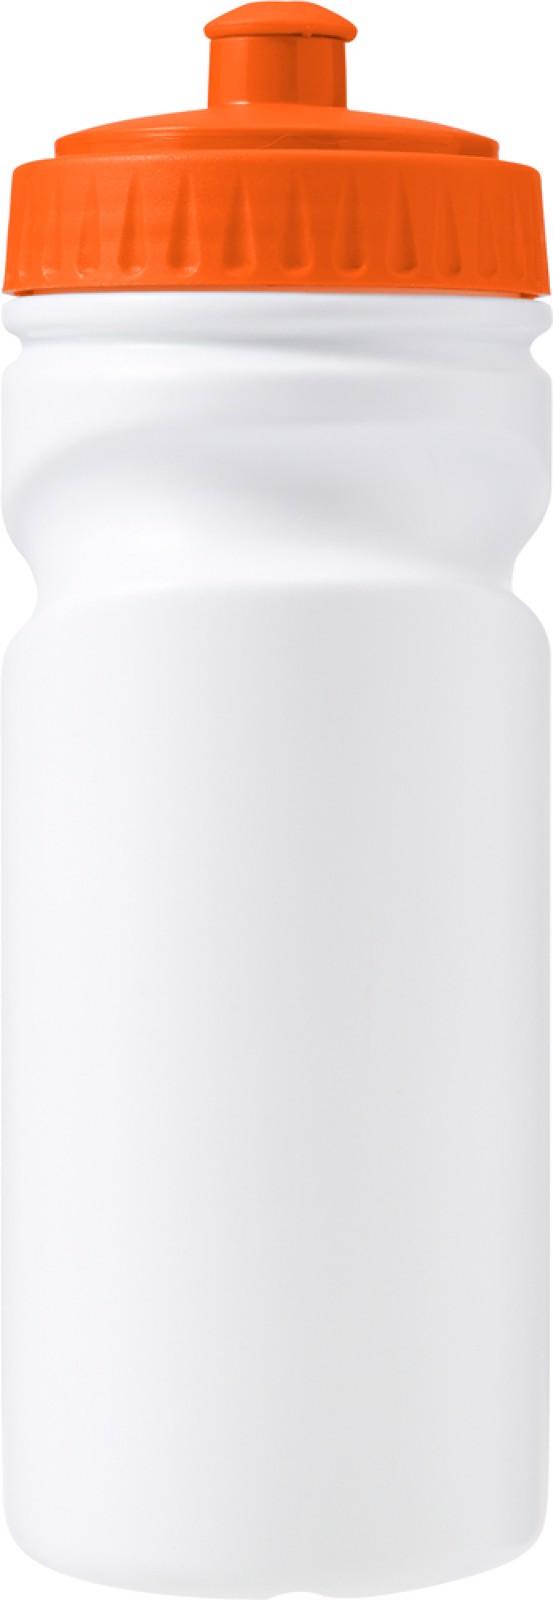 HDPE bottle - Orange